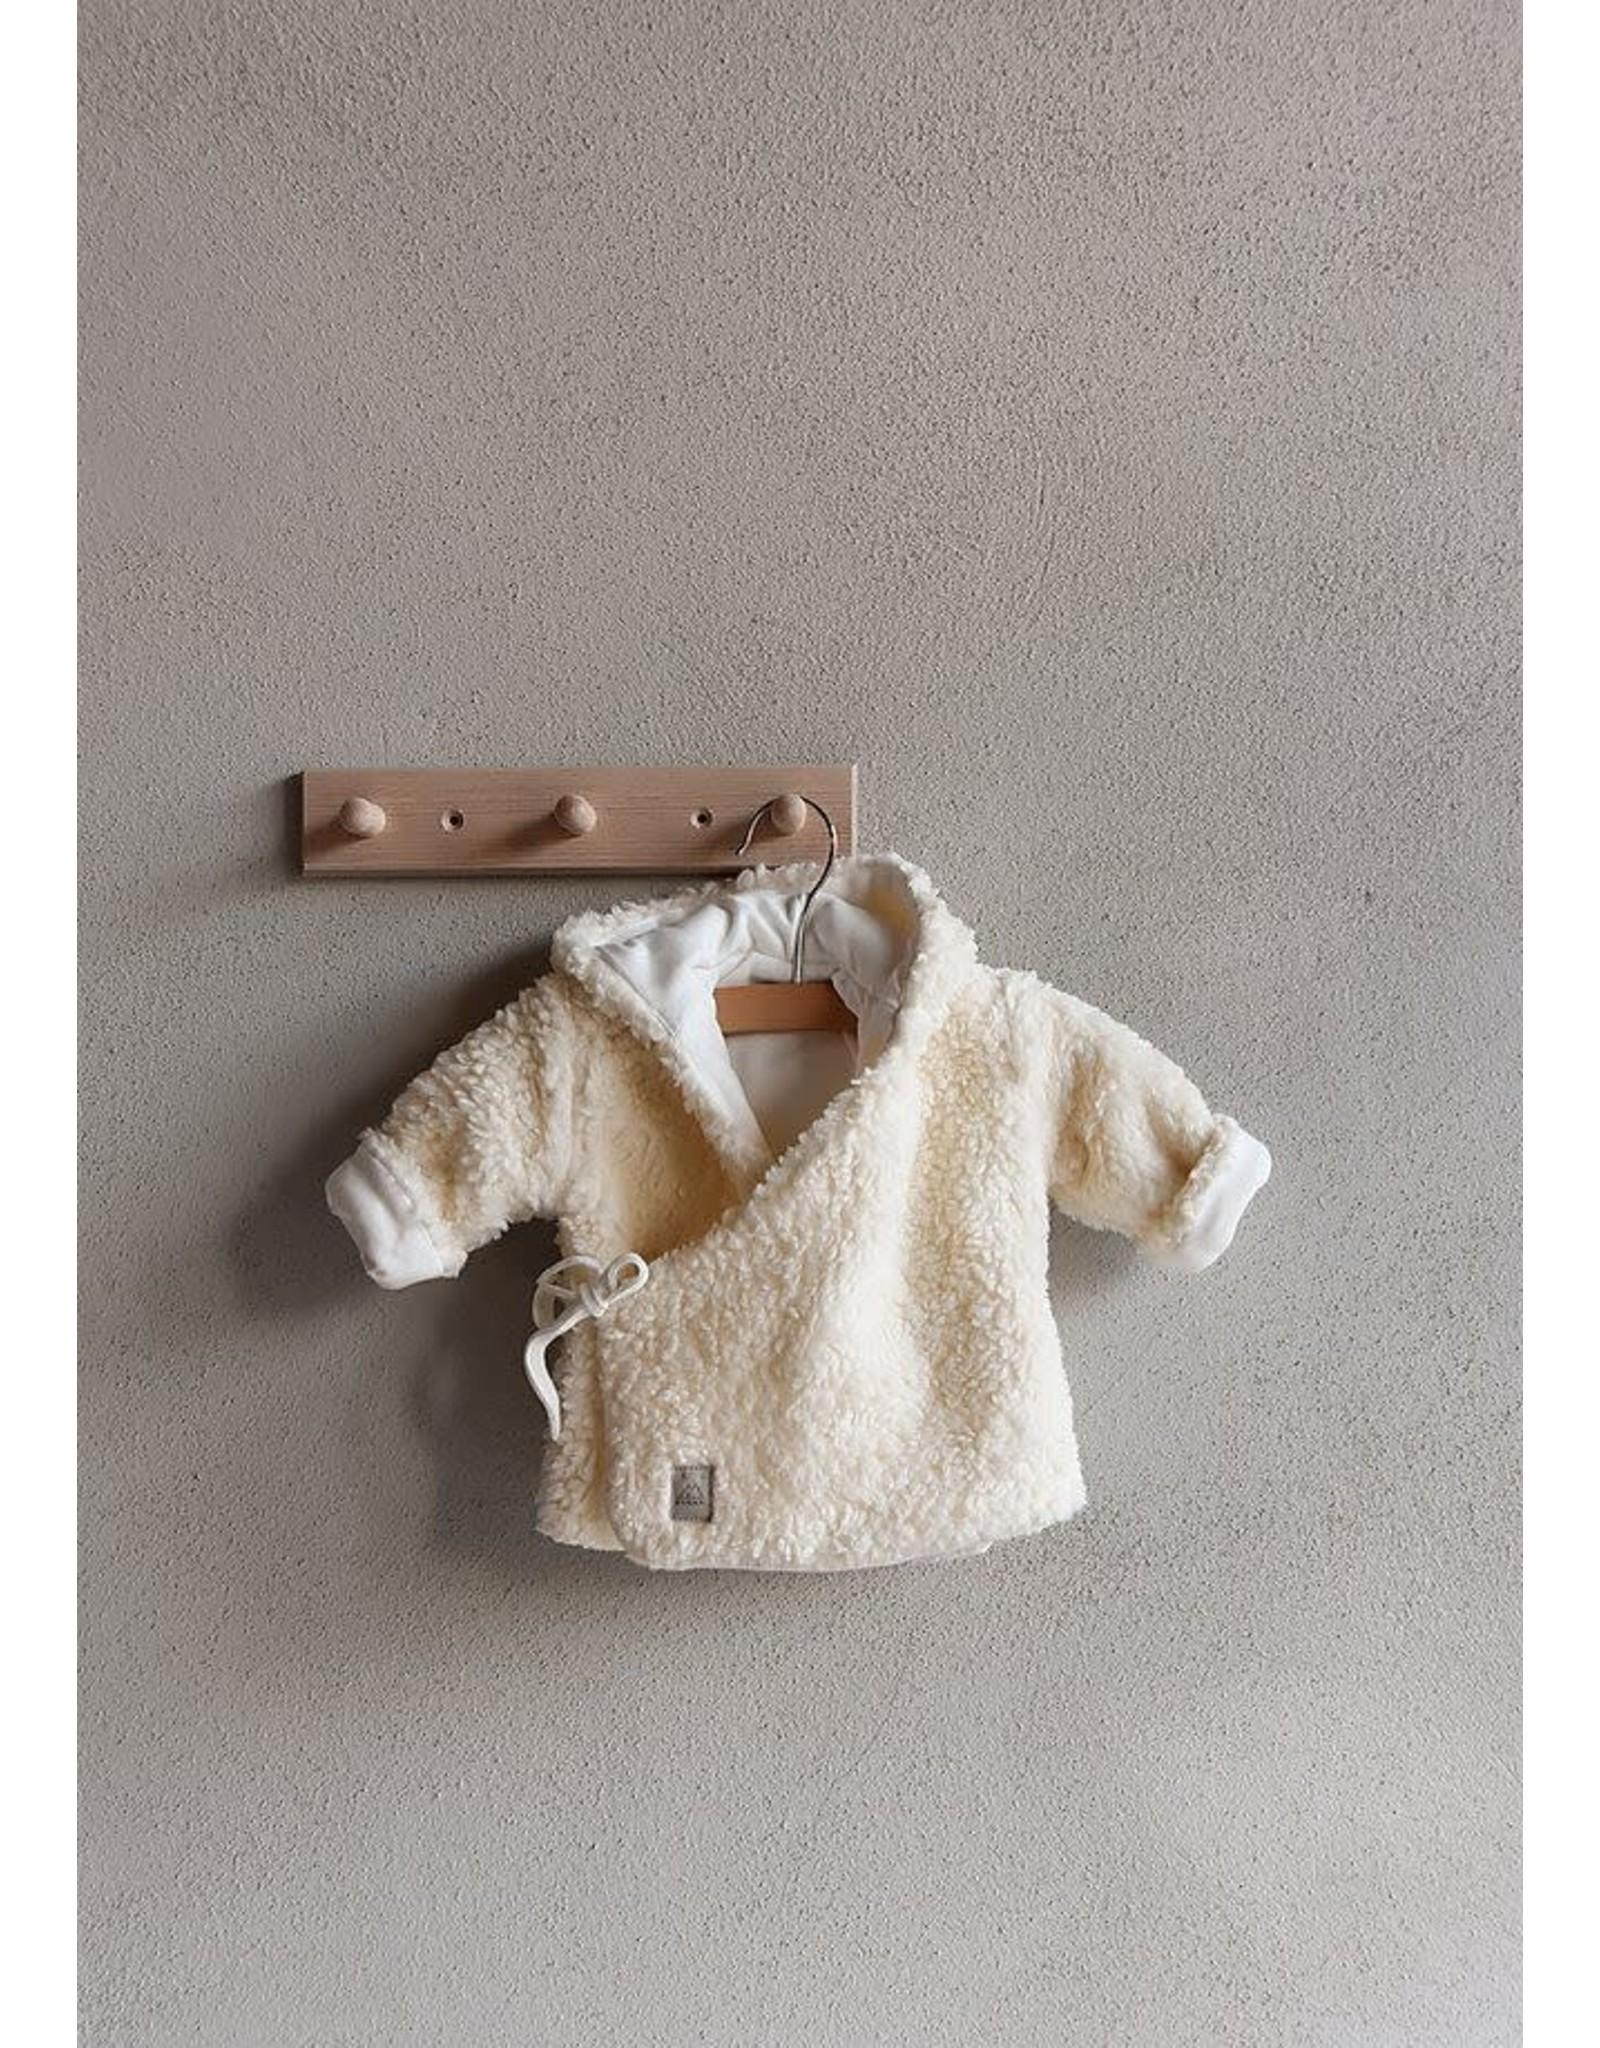 Nanami Nanami Jacket Teddy